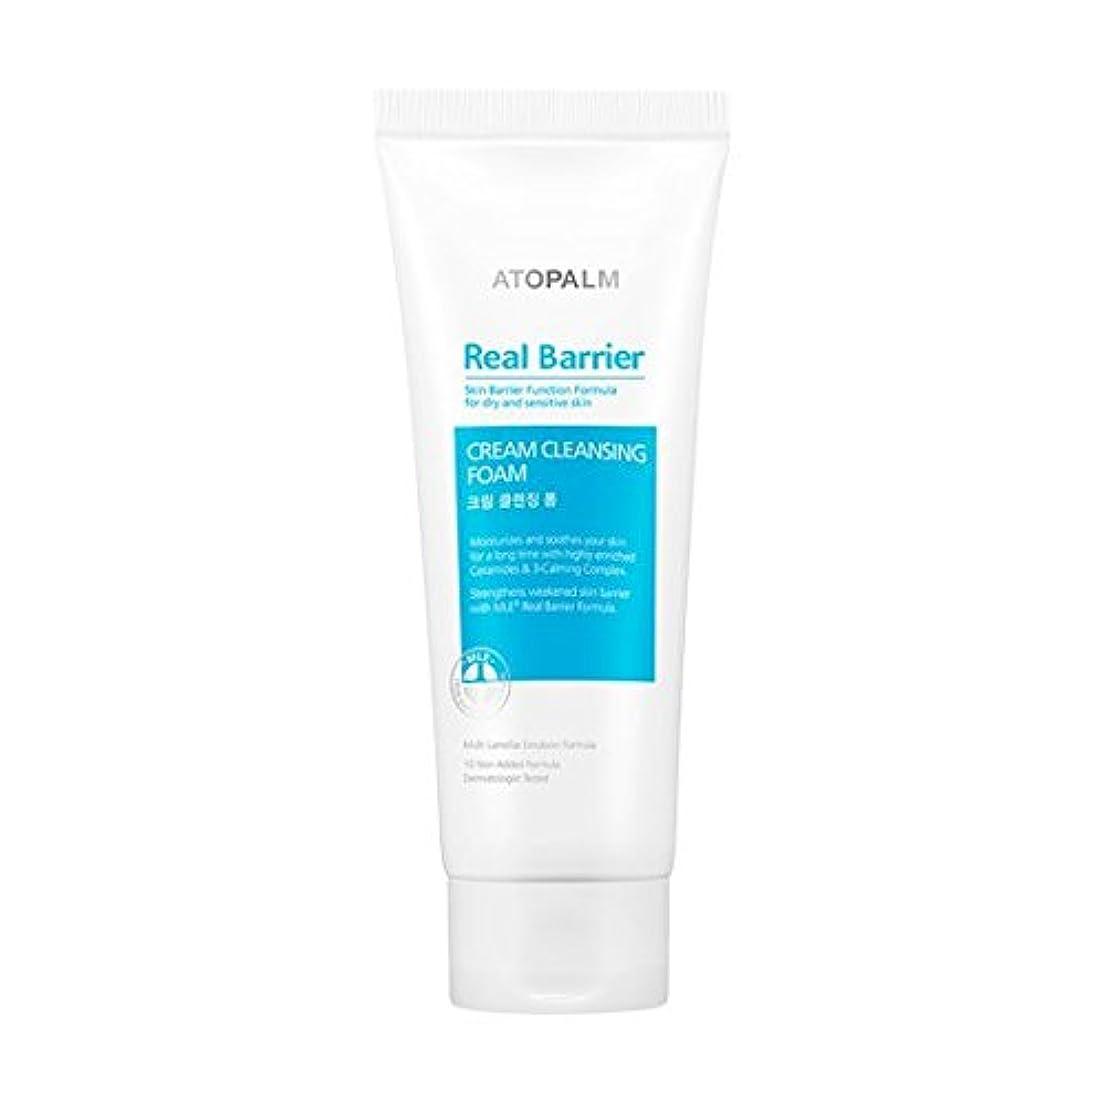 子孫避けられないうんざり[Atopalm (韓国コスメ アトパーム)] Real barrier cream cleansing foam (150g) リアルバリアクリームクレンジング?フォーム[並行輸入品][海外直送品]